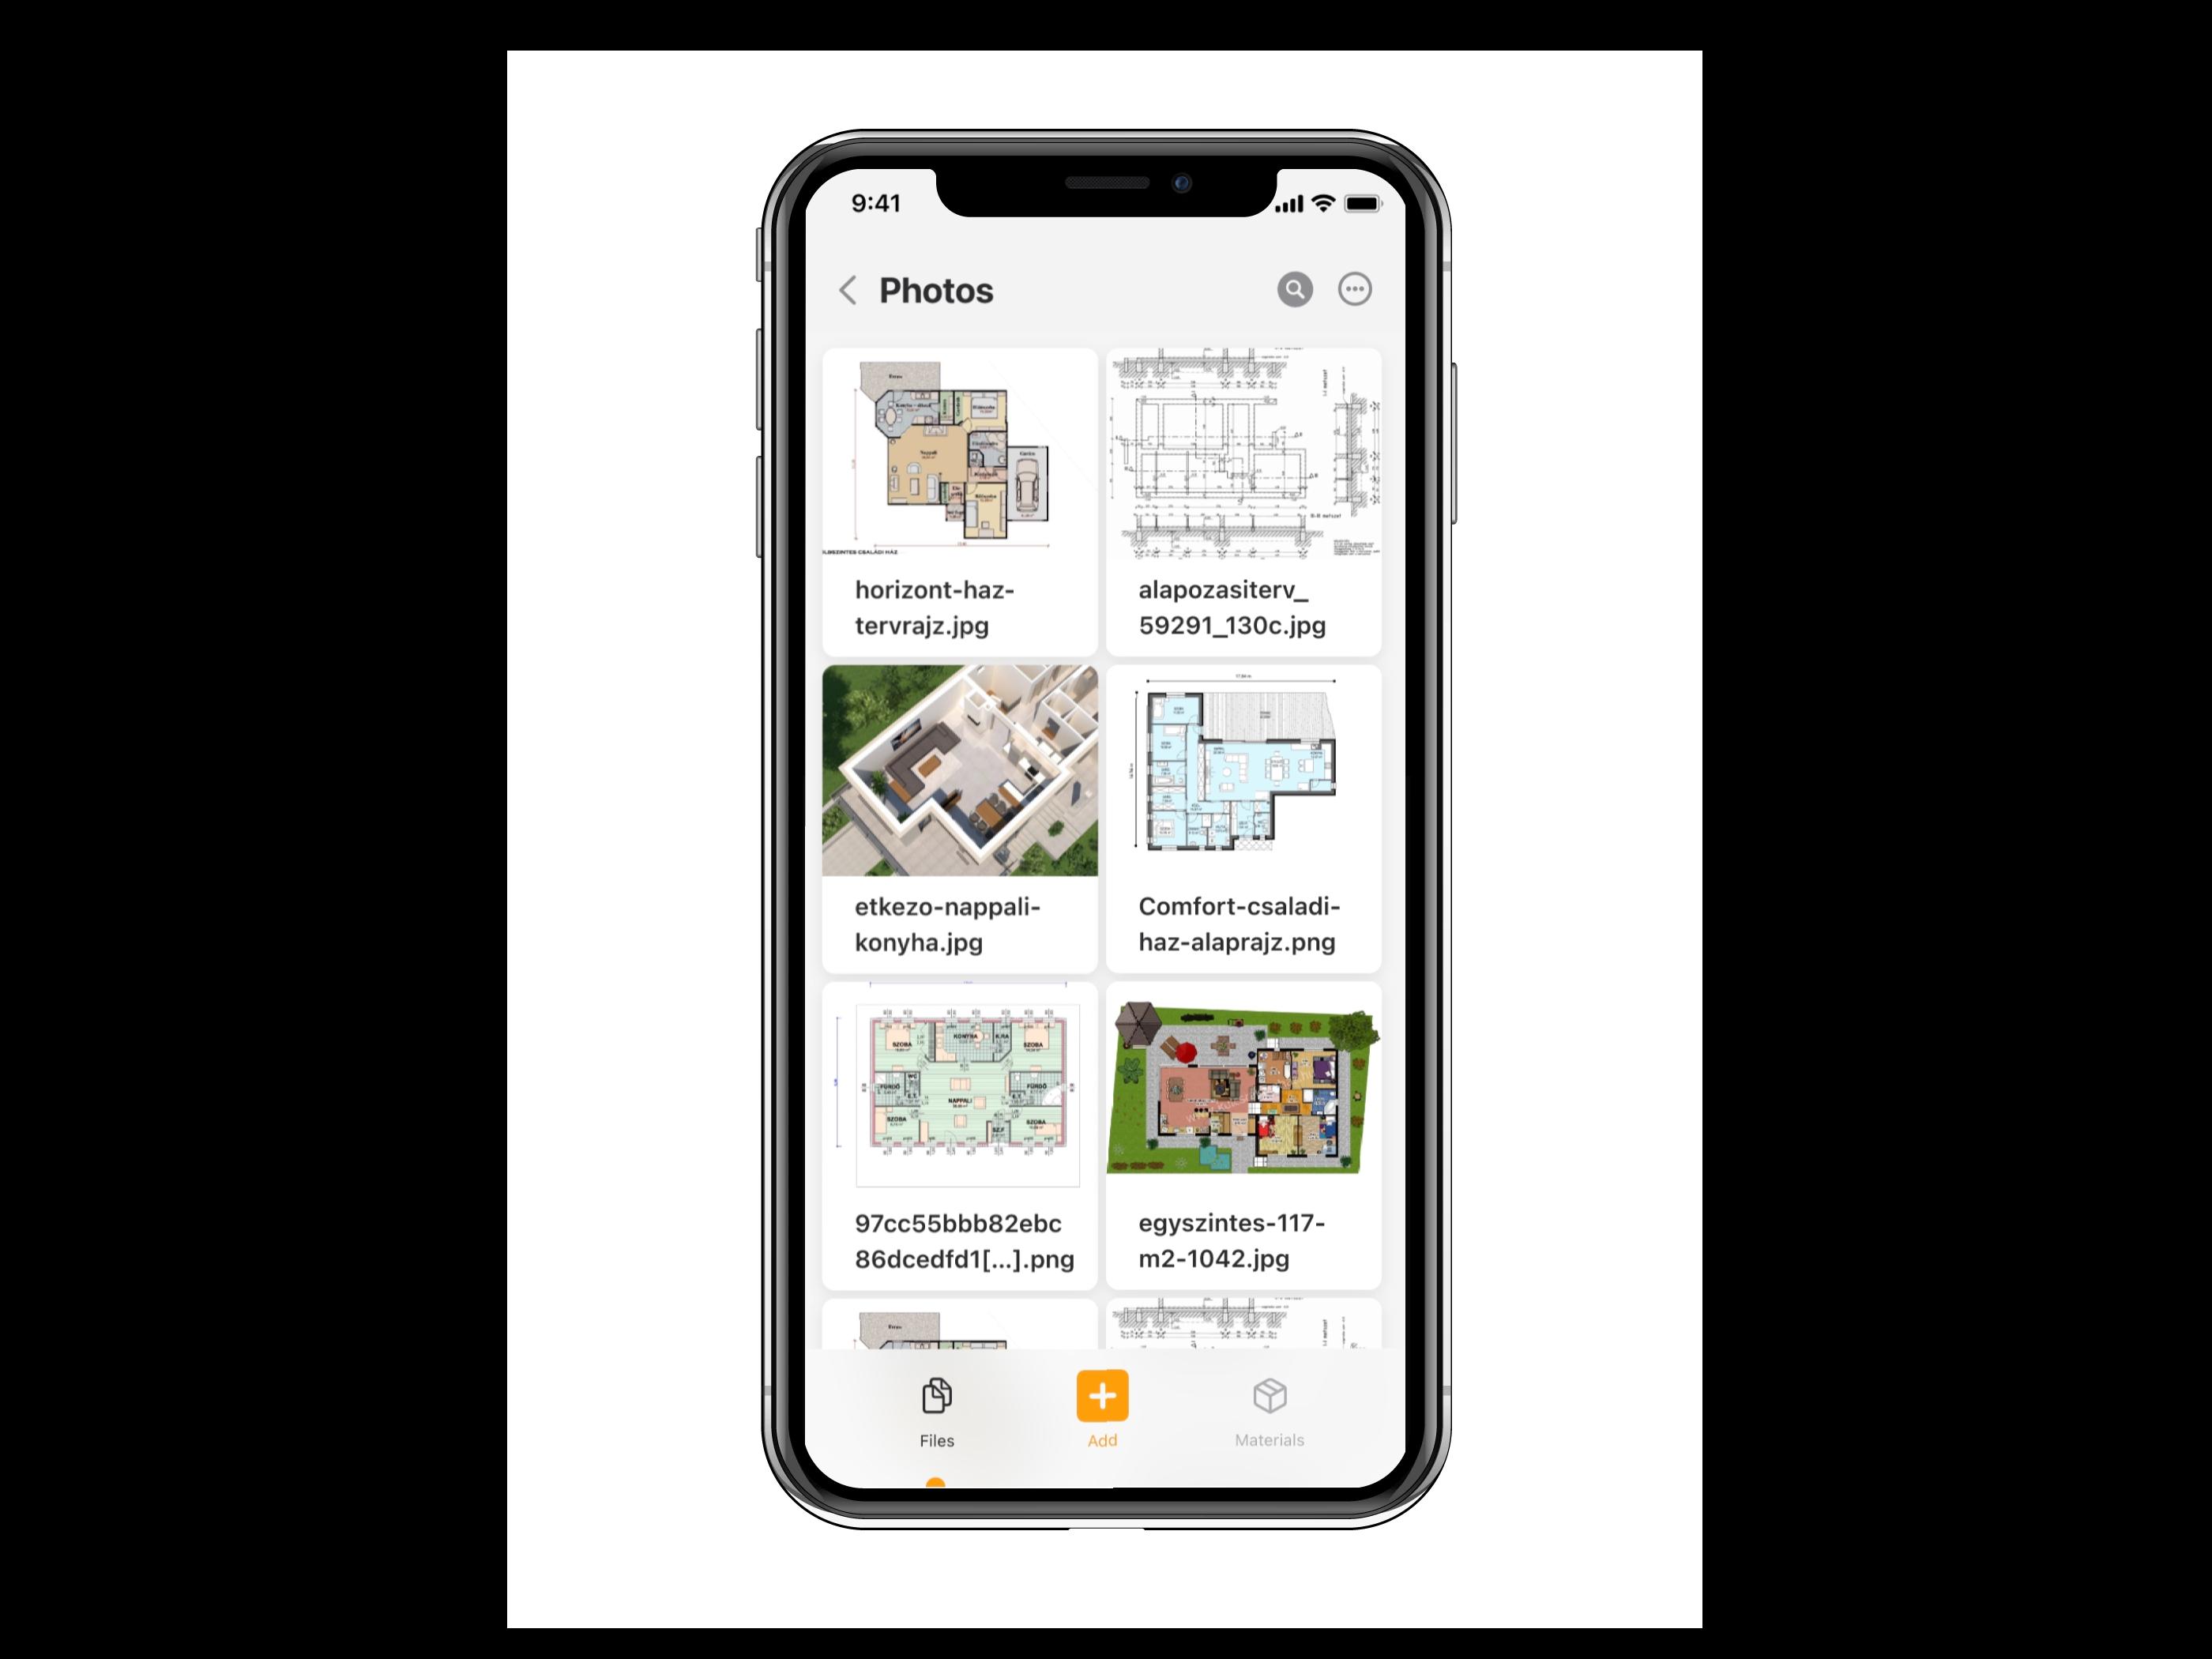 projekt menedzsment szoftver fájlok tárolása Iphone telefonon